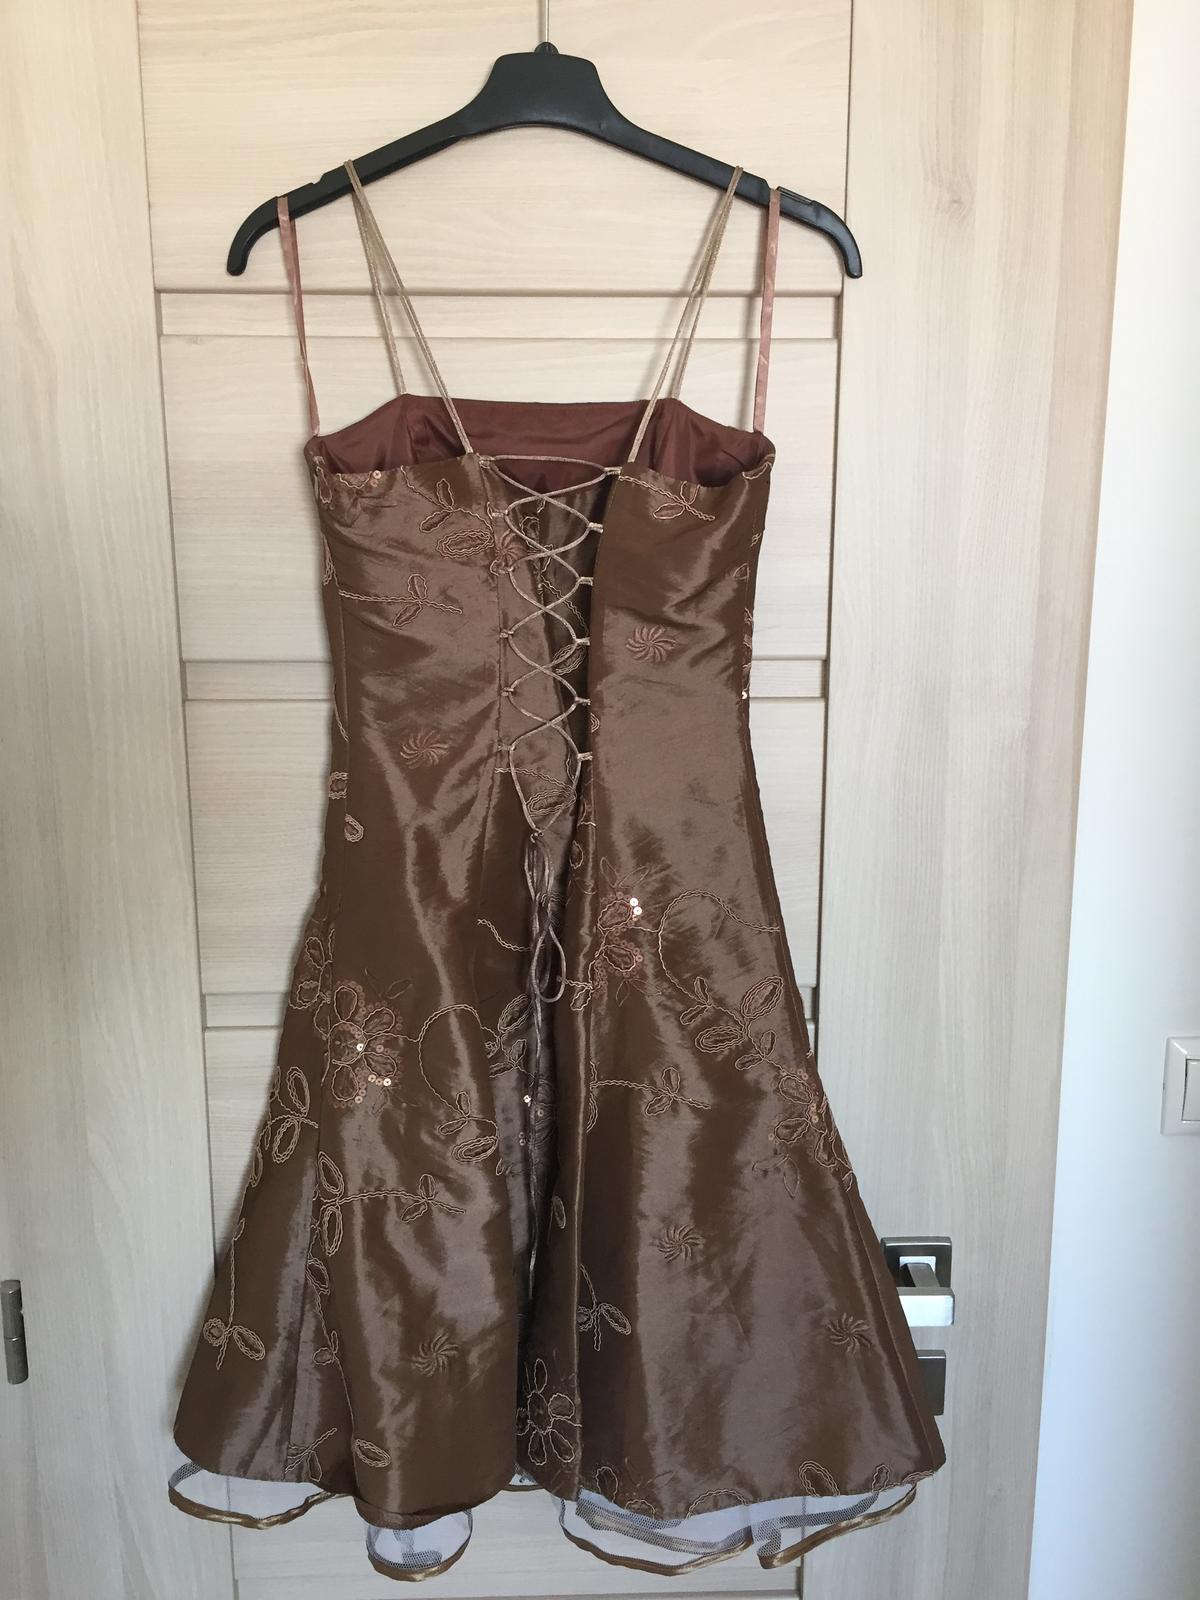 Spoločenské šaty s bolerkom, veľ. 36 - Obrázok č. 3